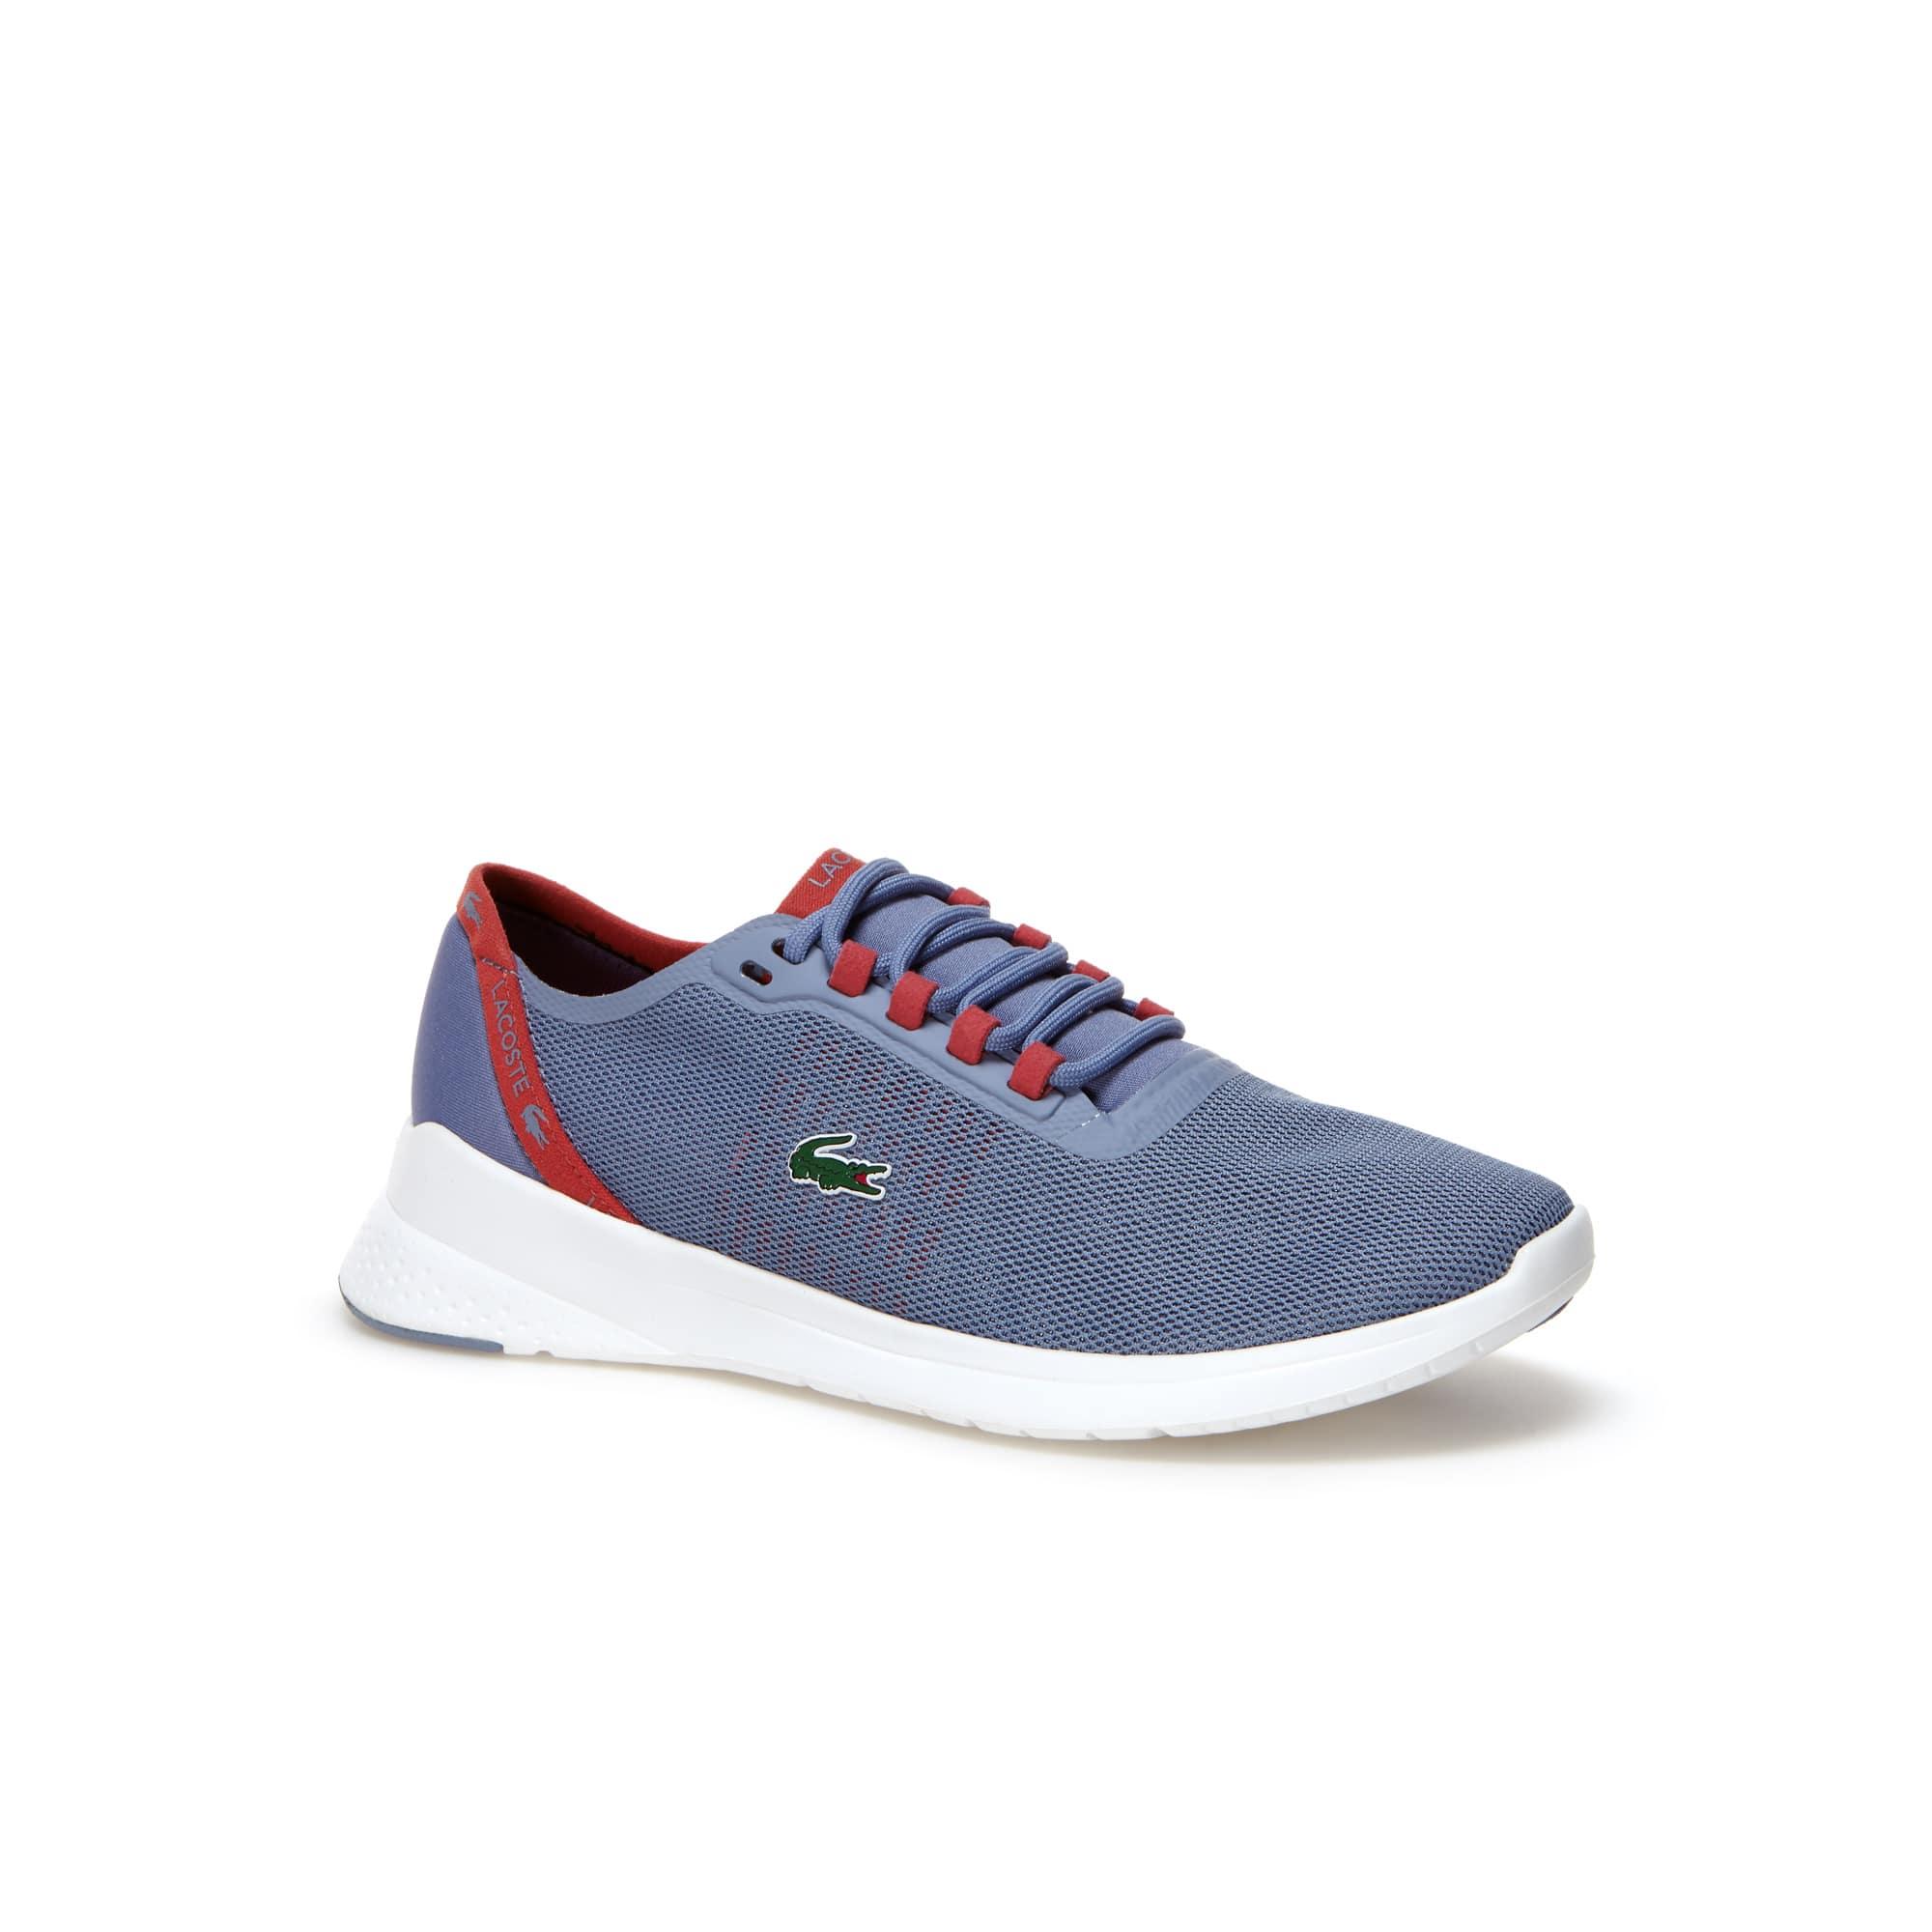 Sneakers LT Fit in tessuto e rete tecnica